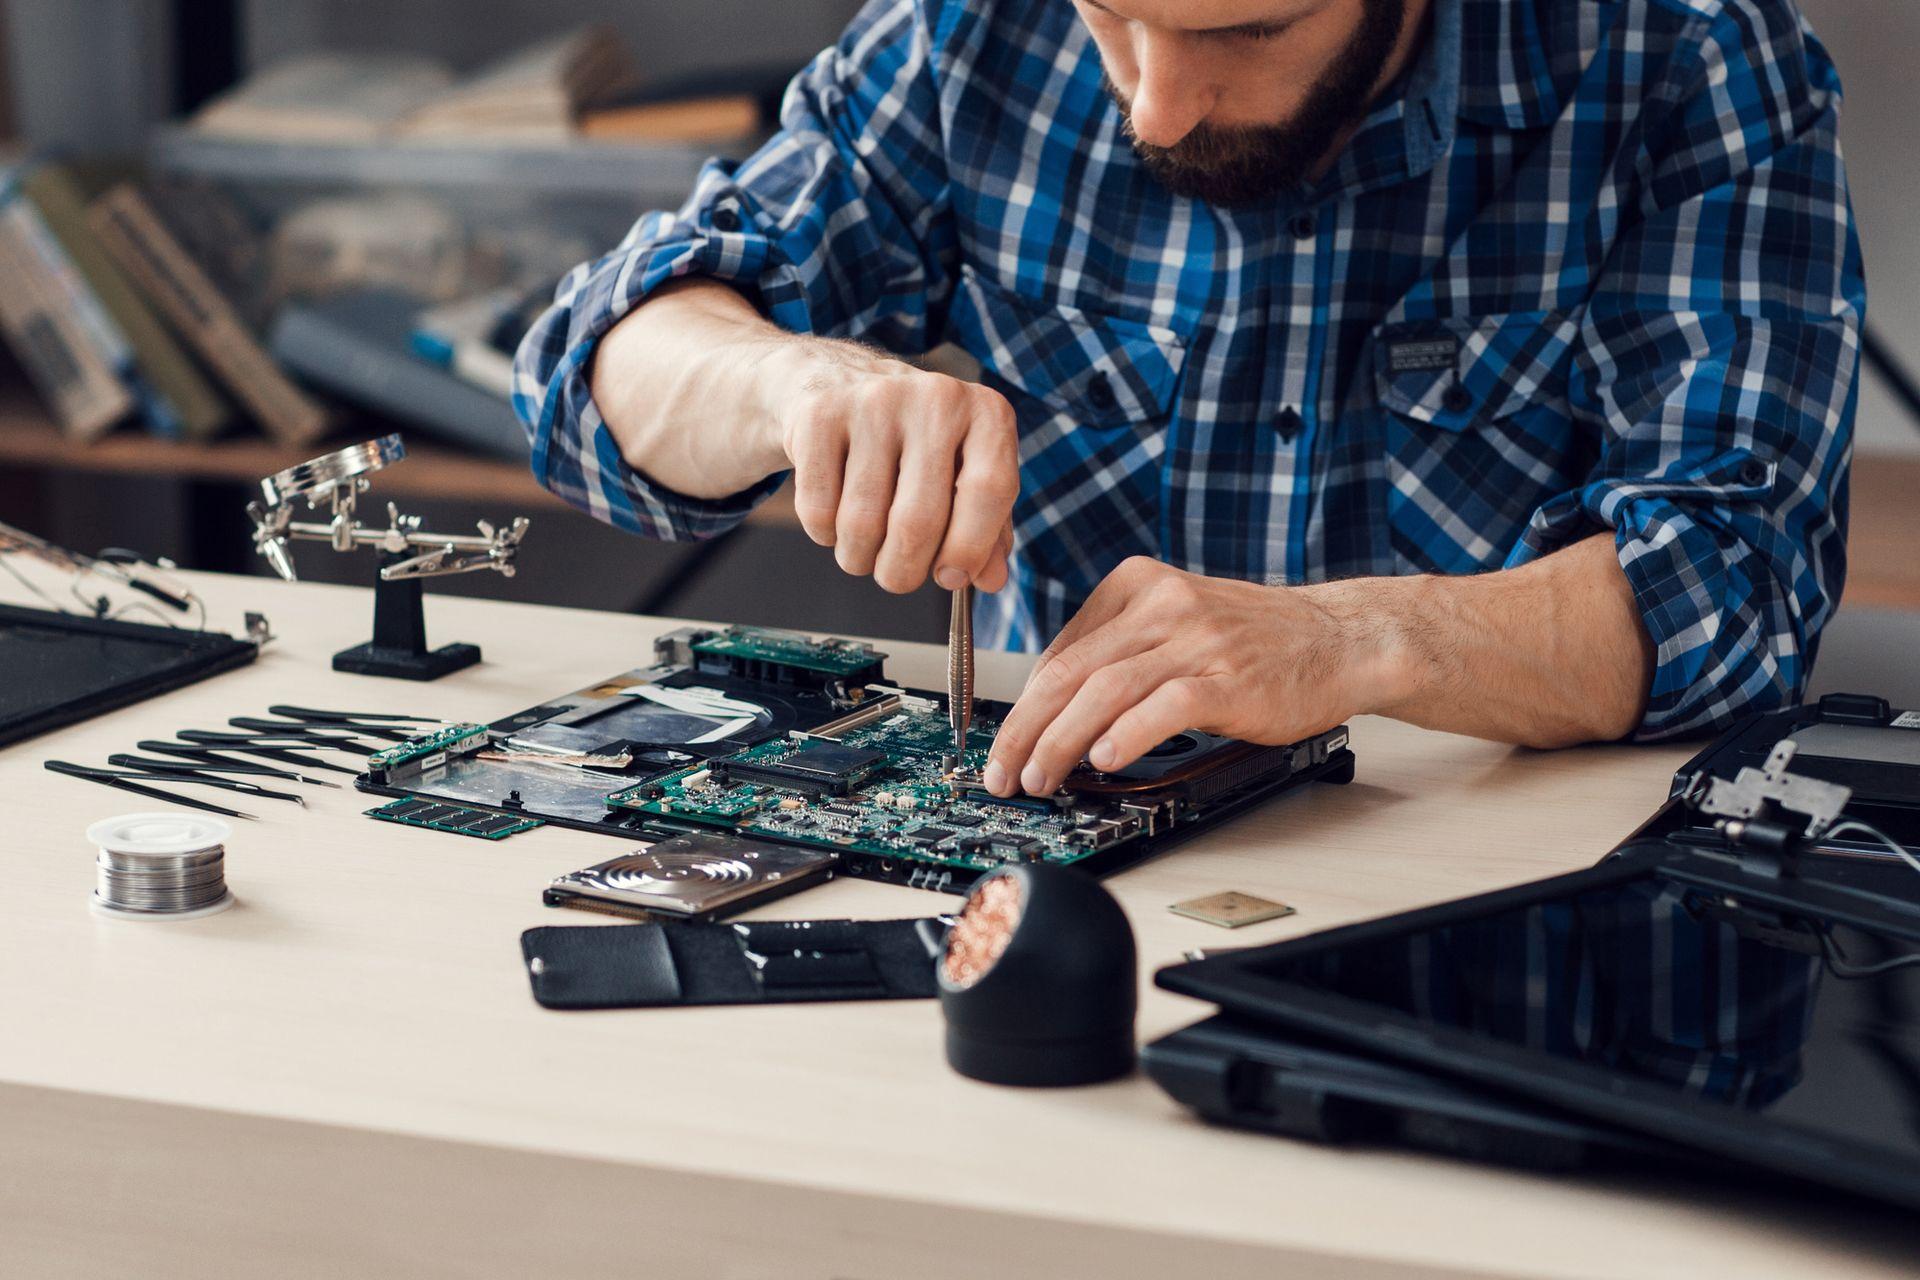 Настройка и обслуживание компьютерной техники на дому заказчика